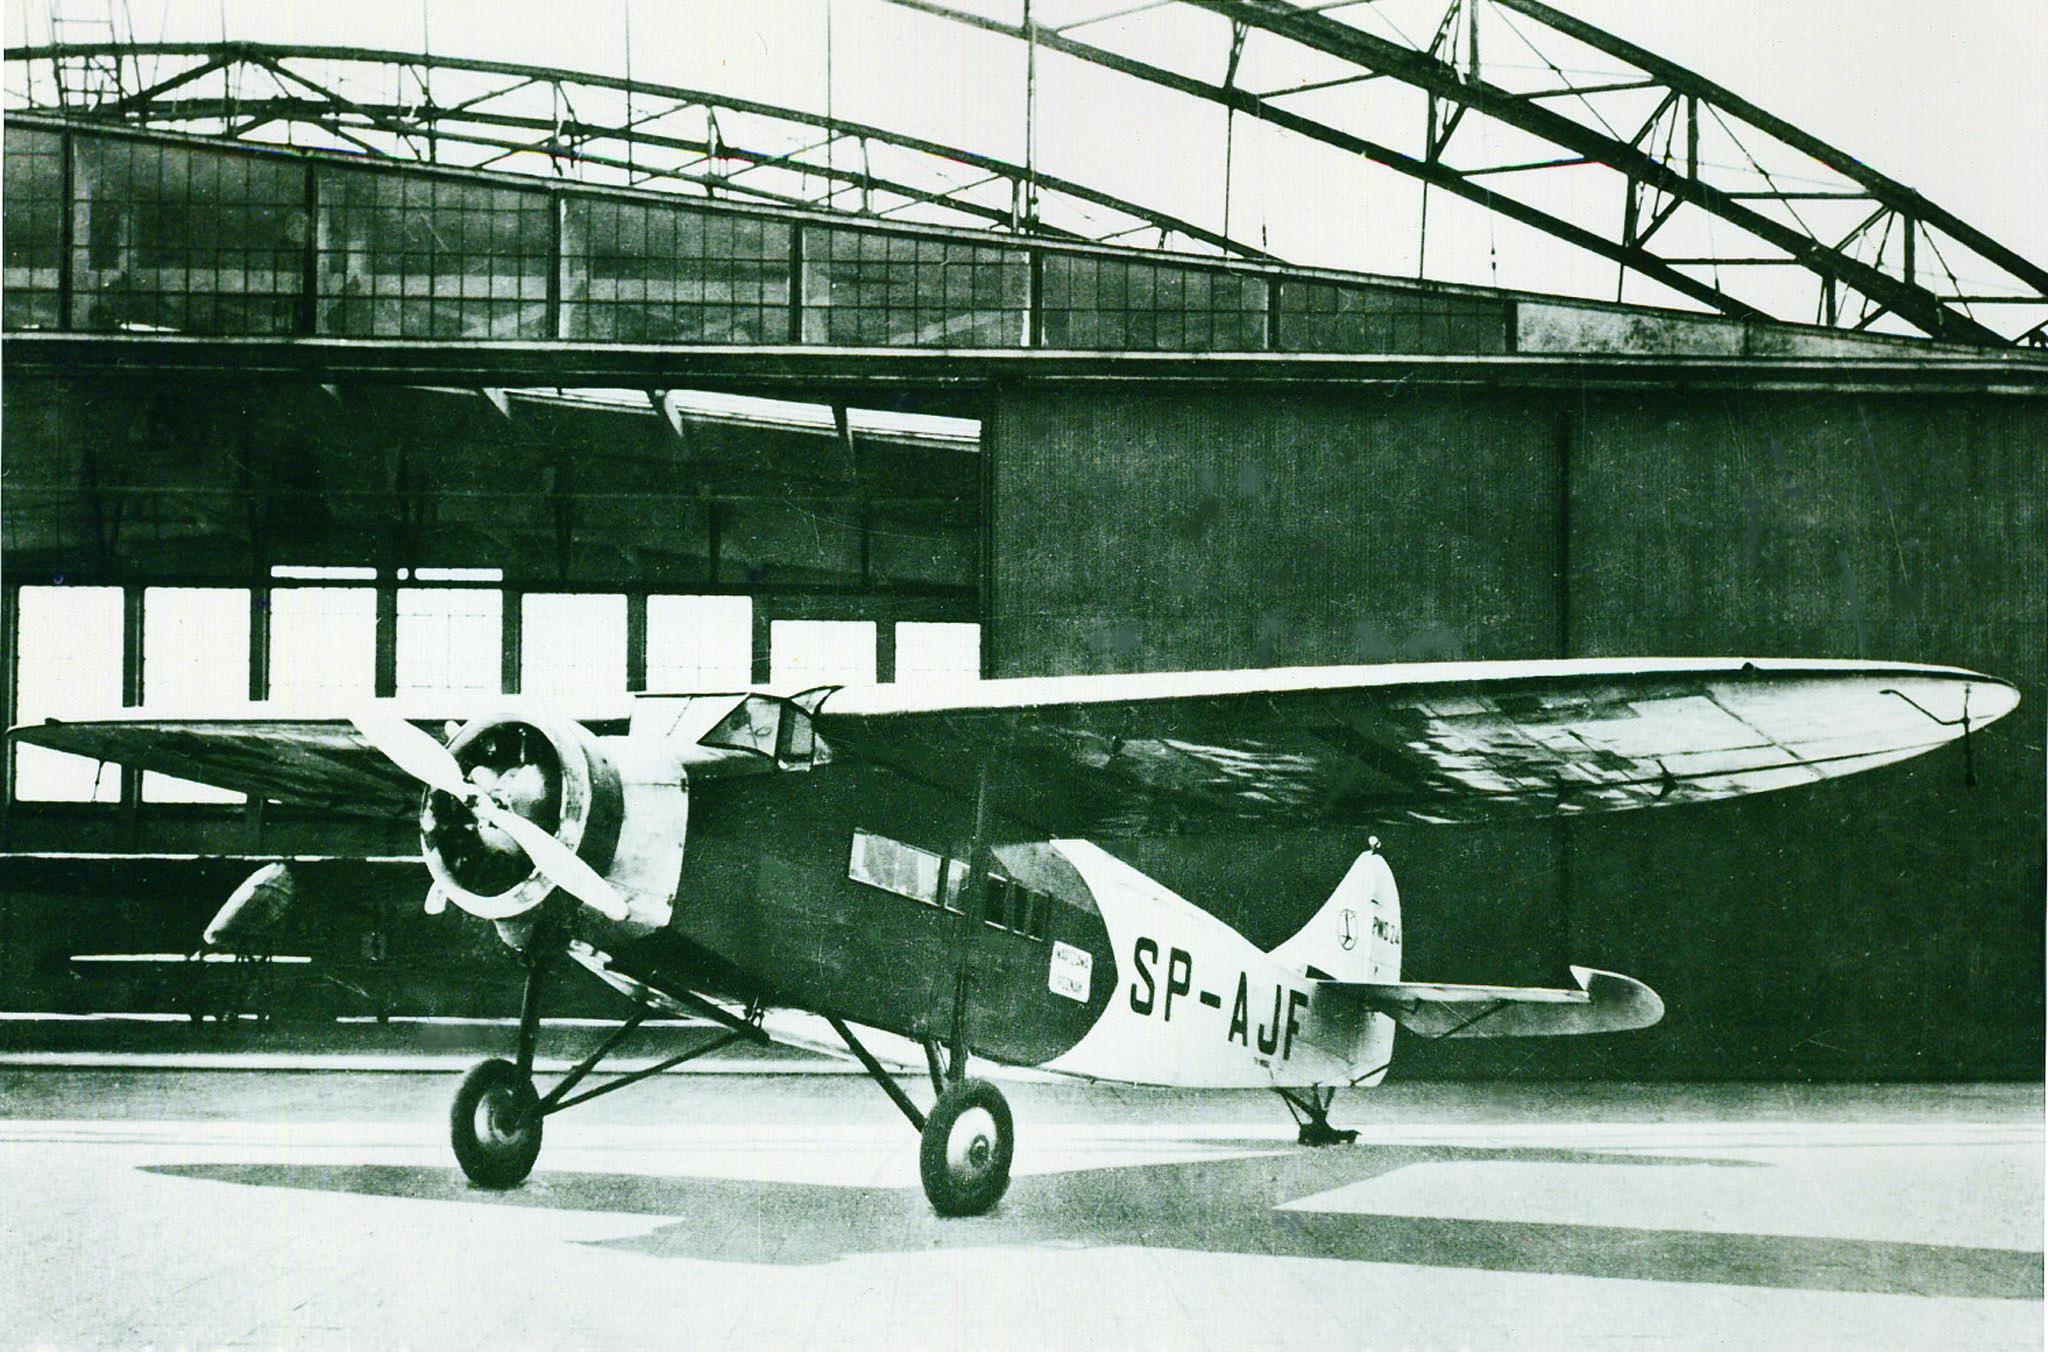 PWS-24